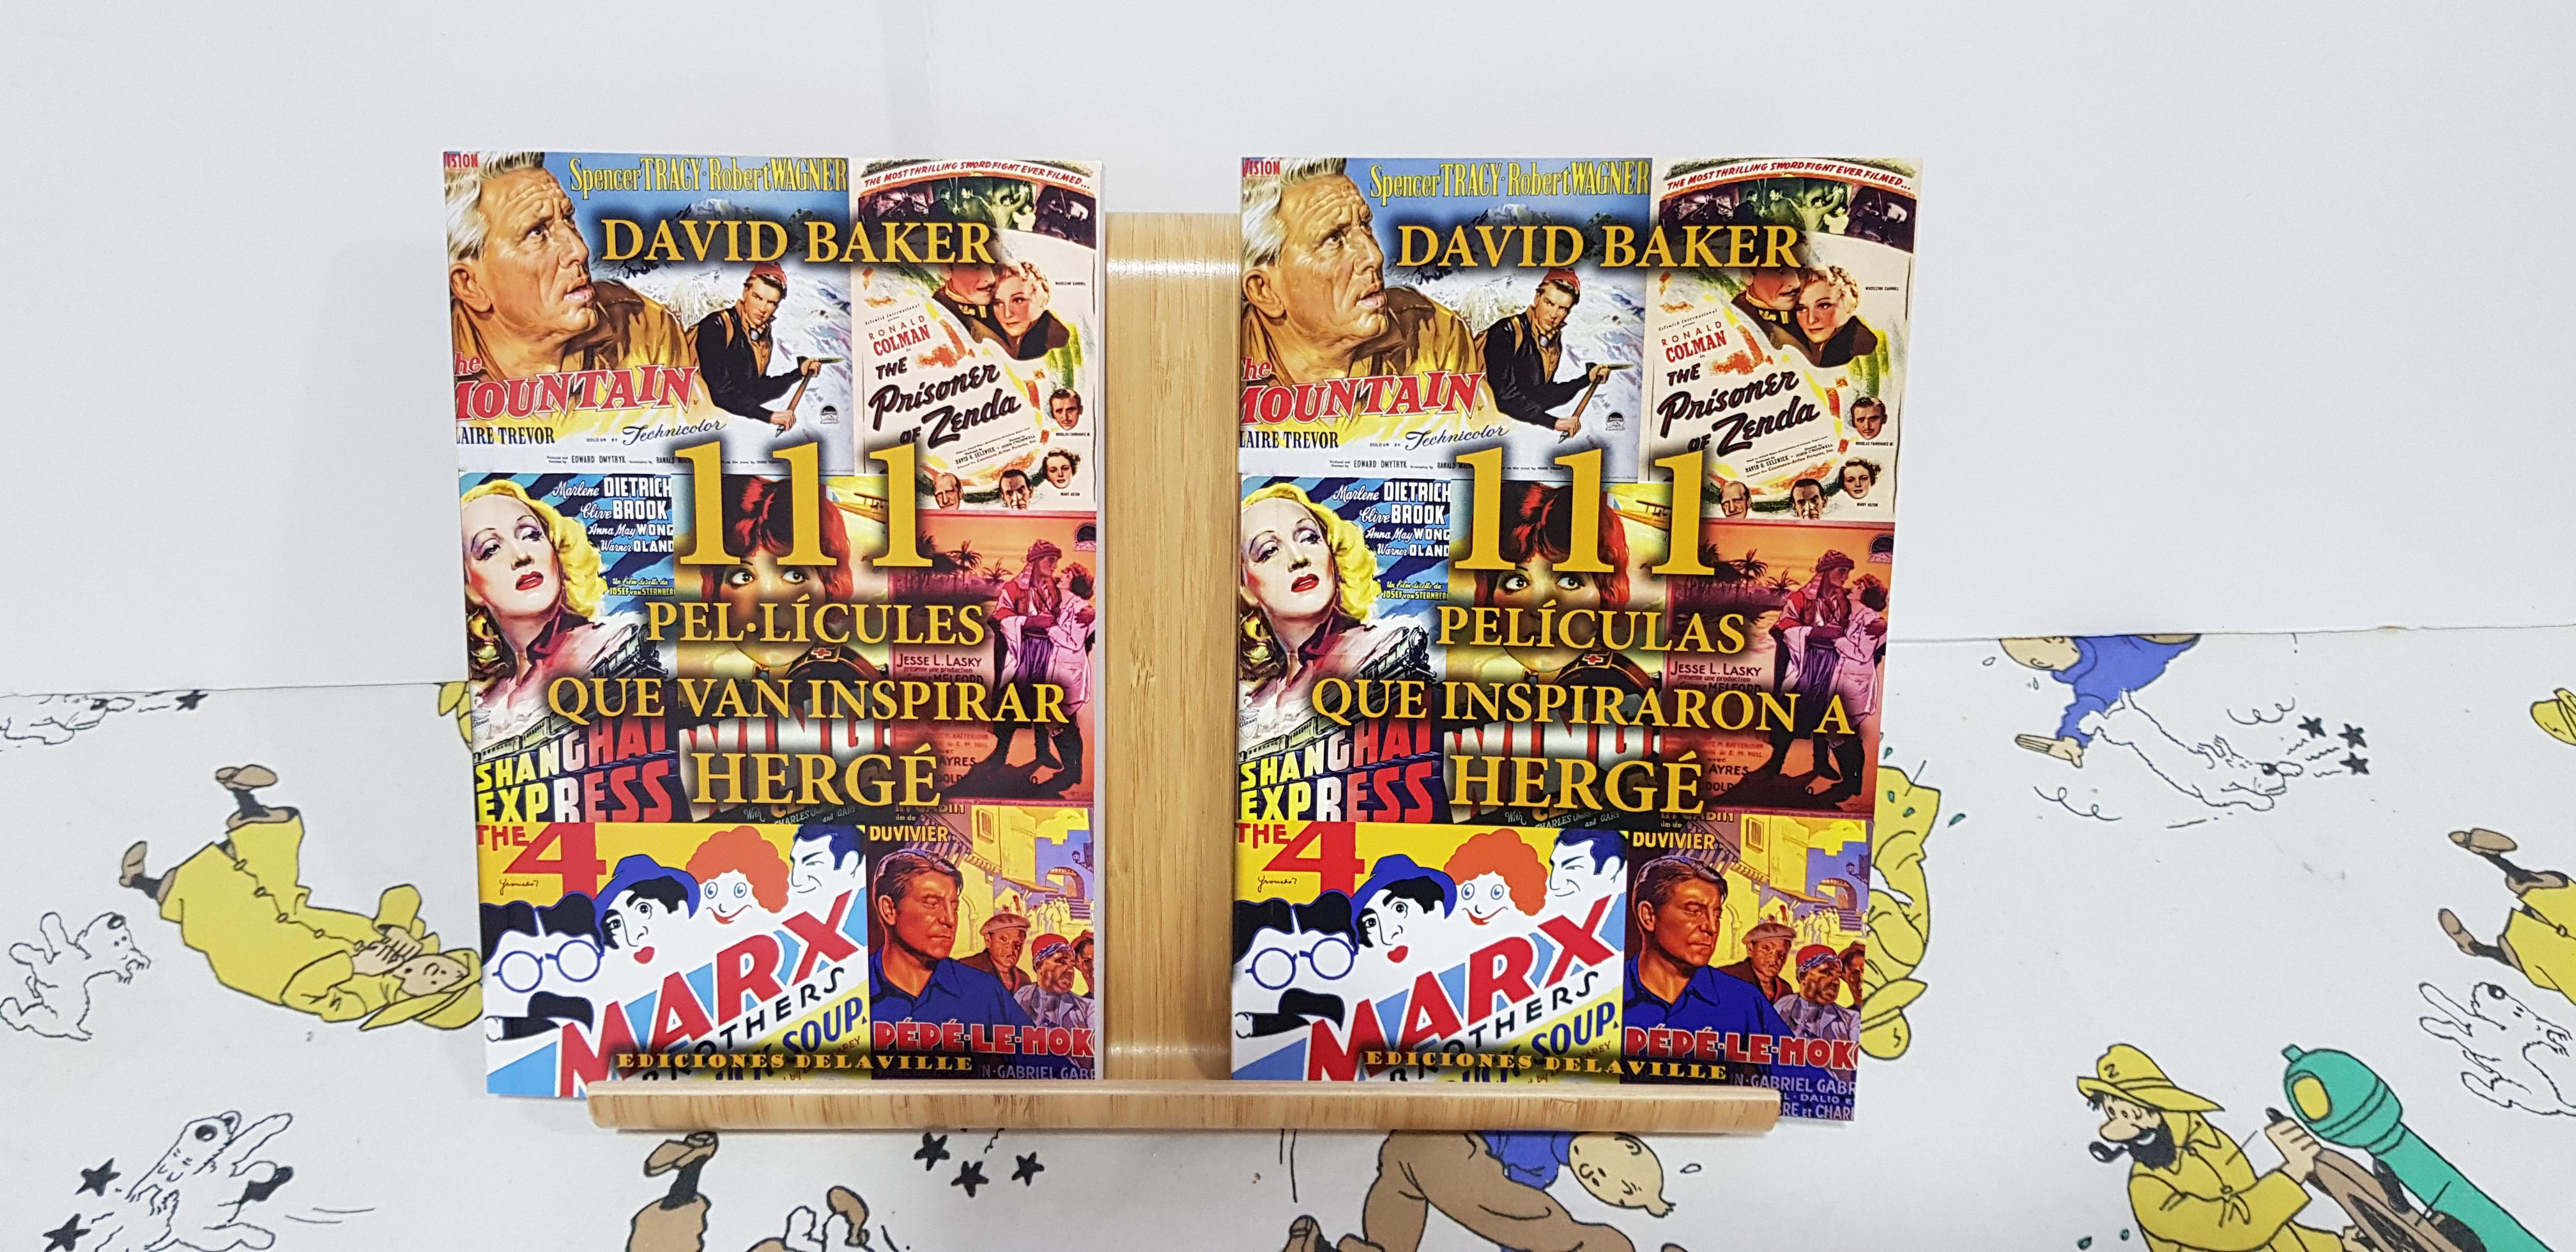 Nuevo libro '111 Películas que inspiraron a Hergé'